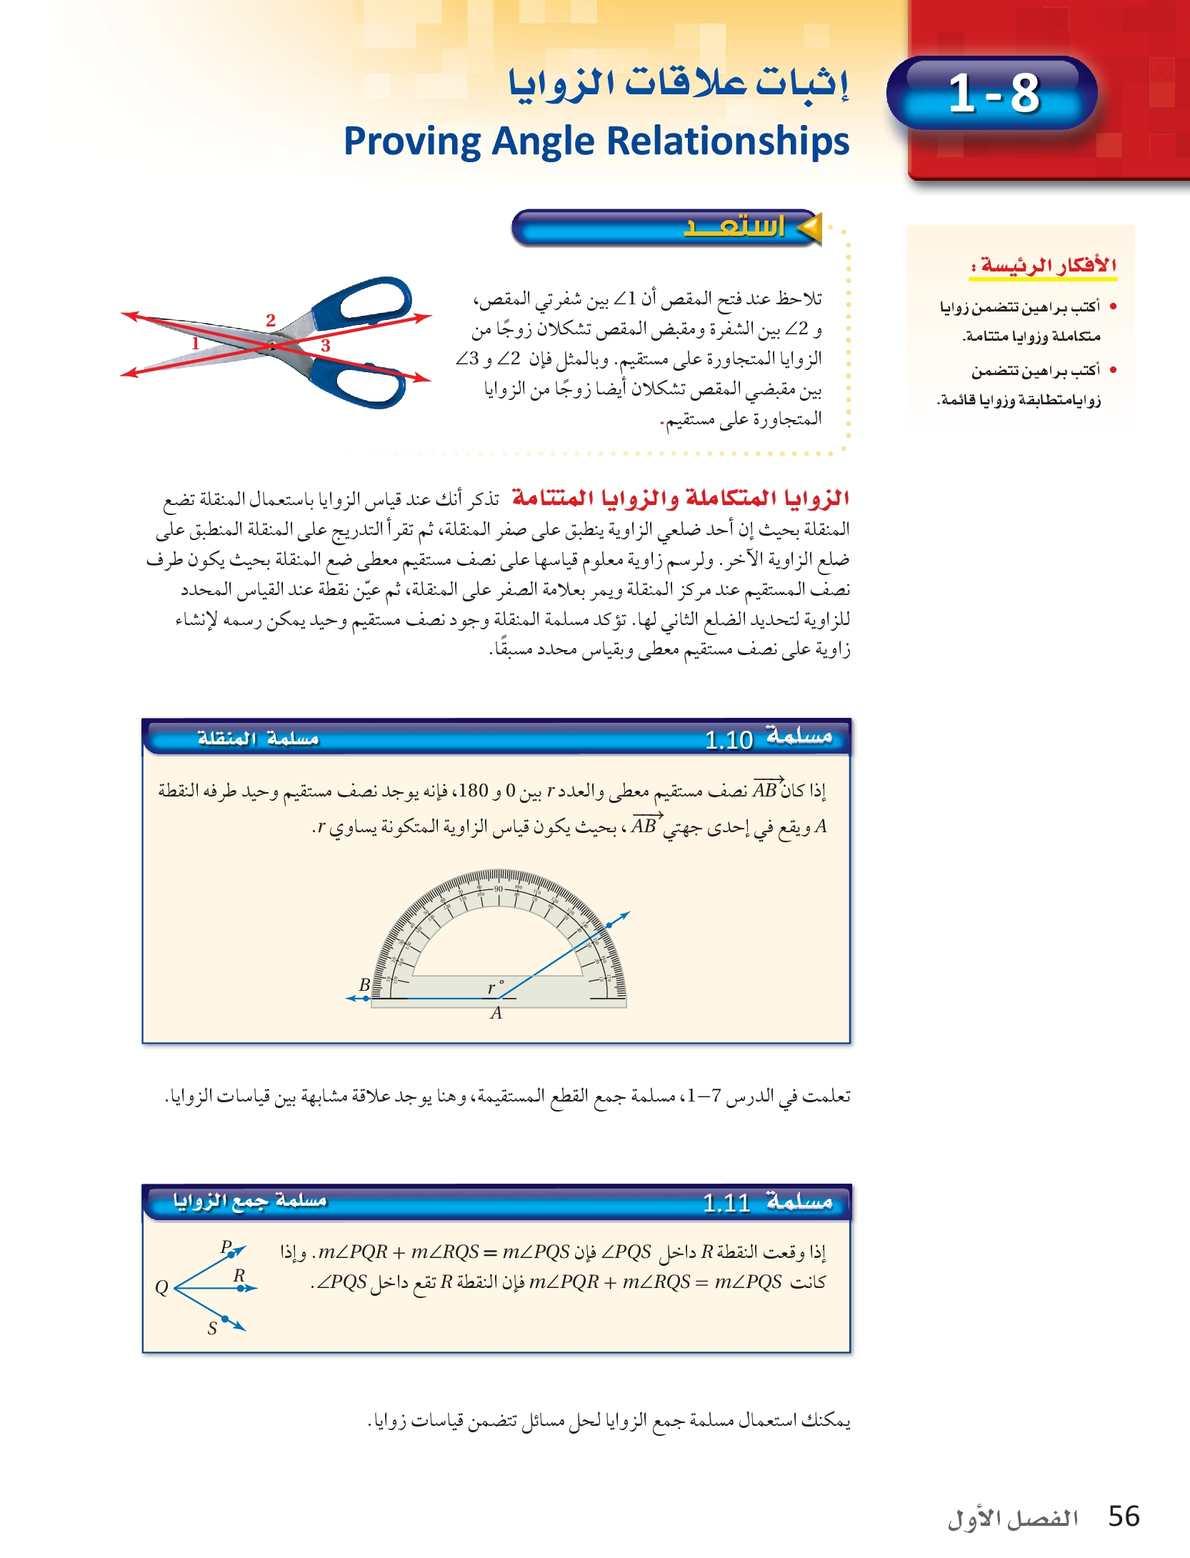 كتاب التمارين رياضيات اول ثانوي مقررات الفصل الثاني